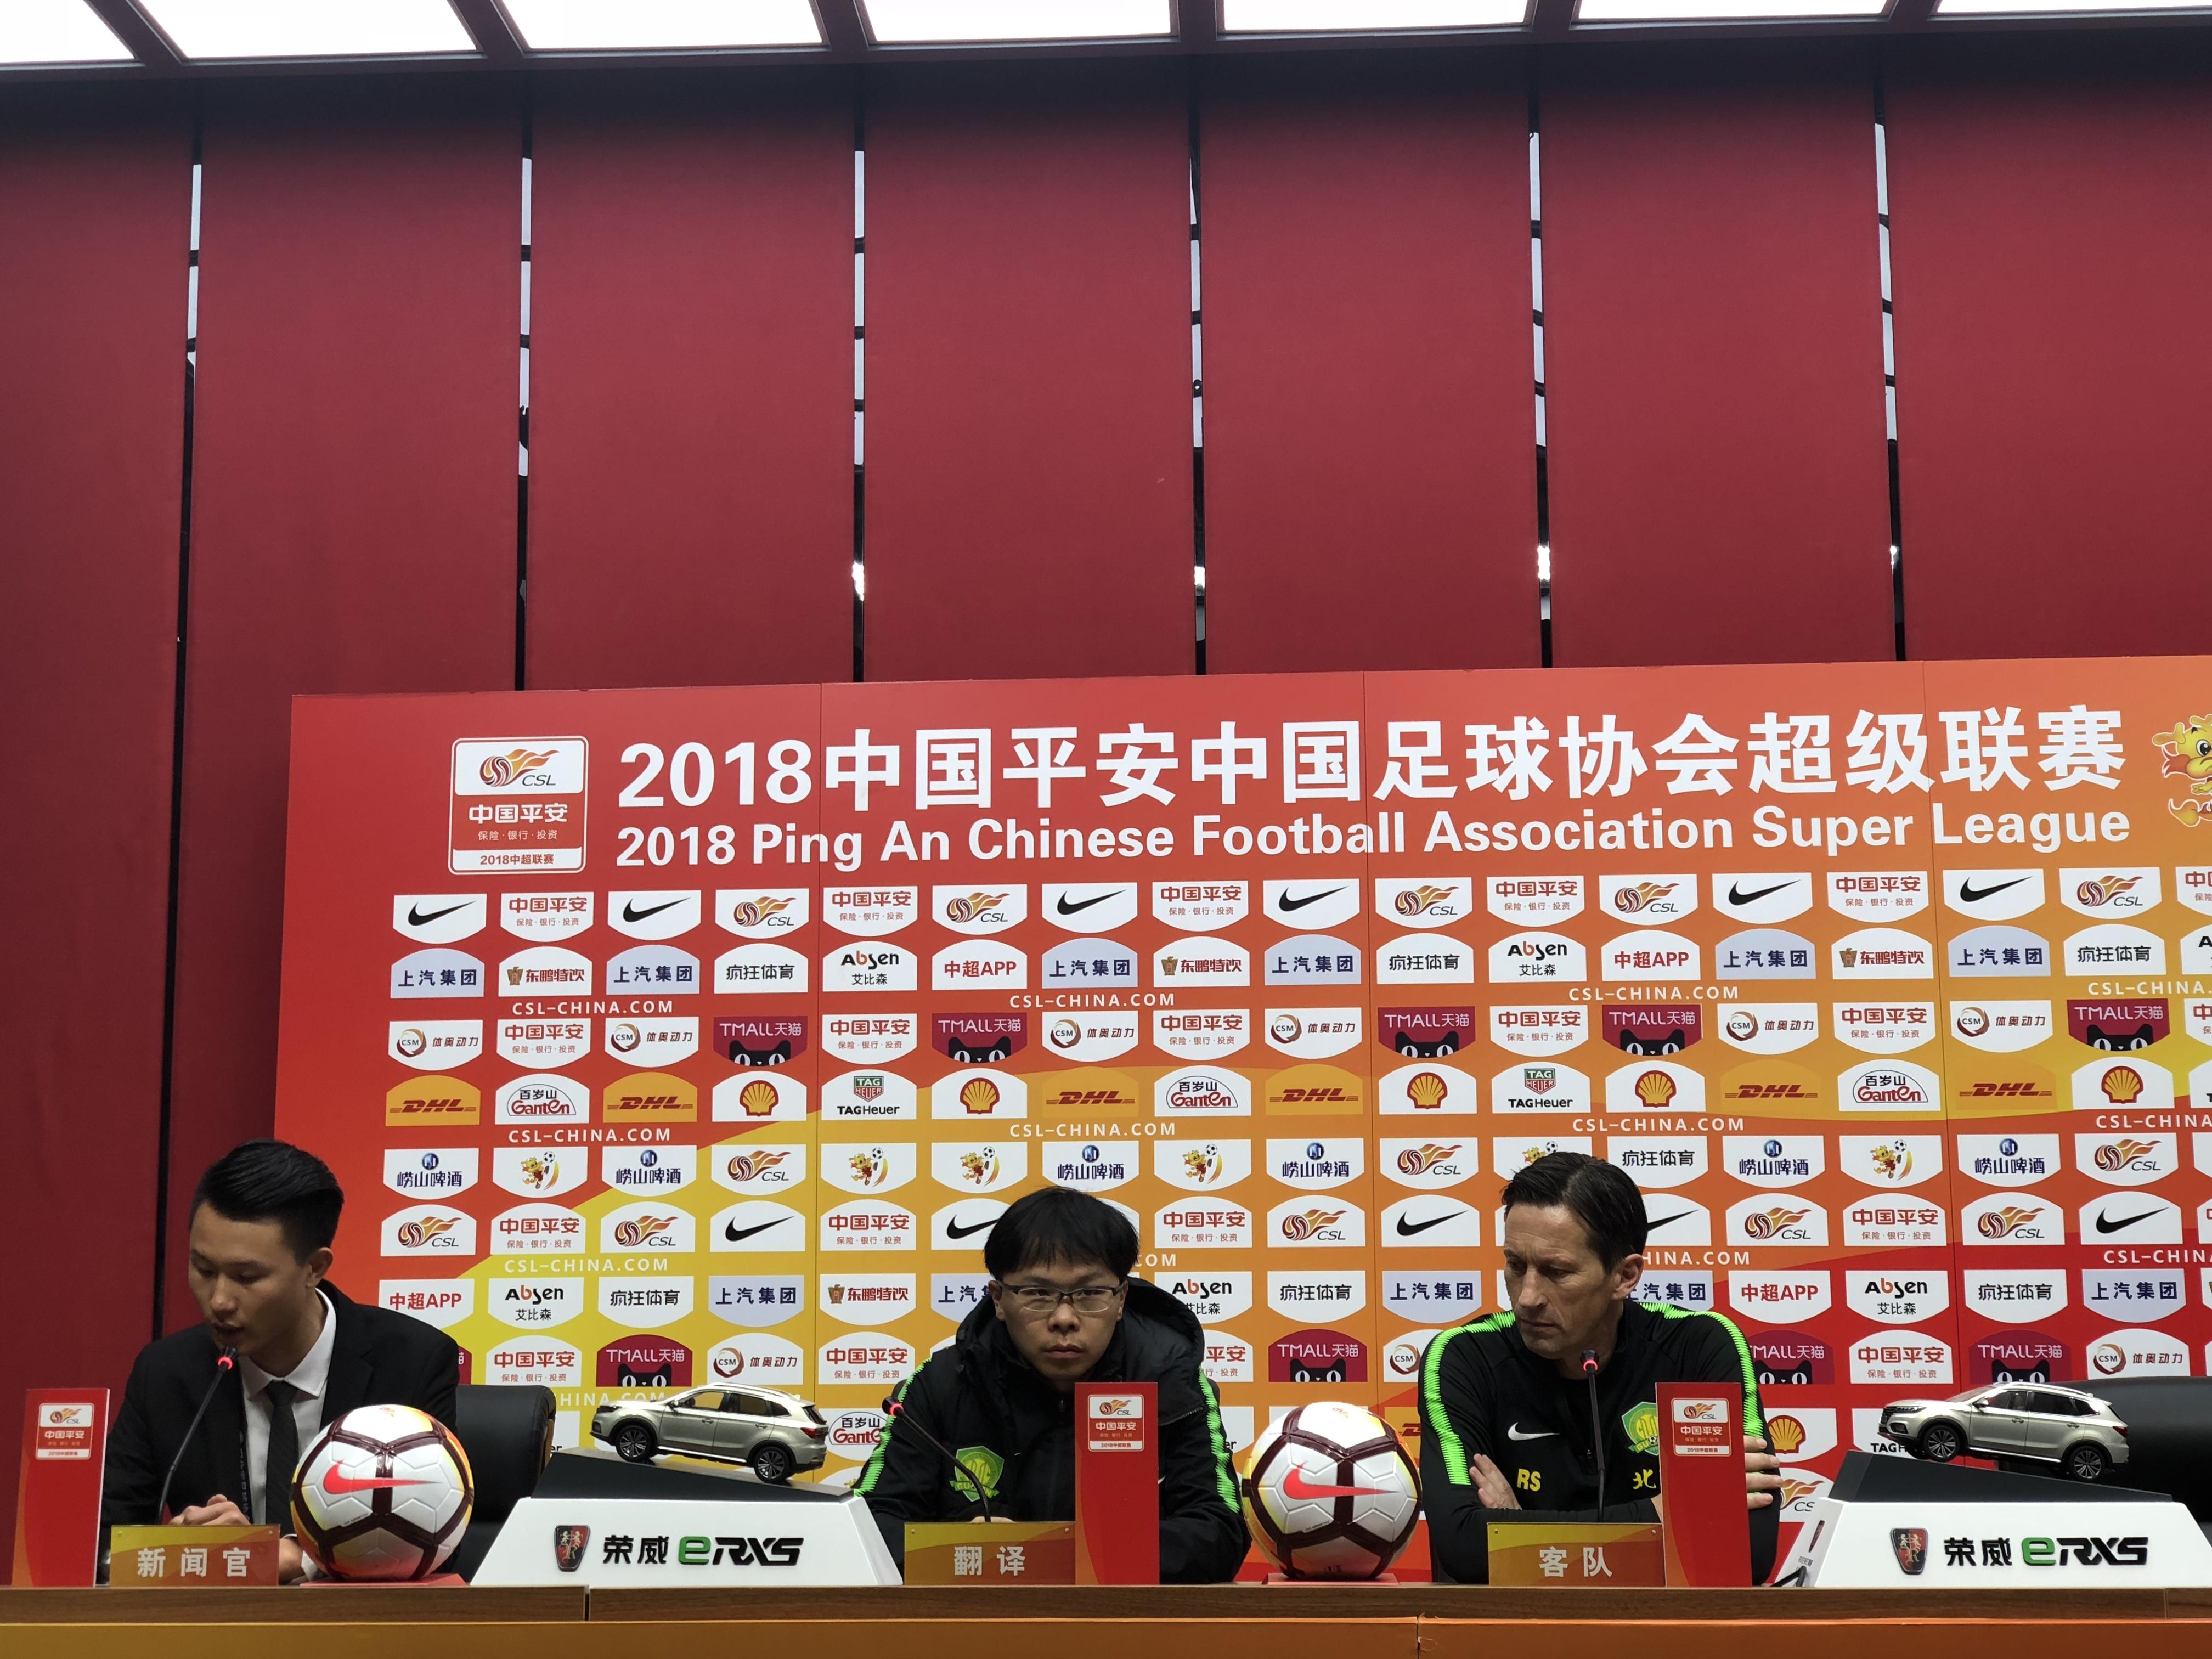 施密特:足协杯目标就是夺冠 本赛季联赛表现可圈可点